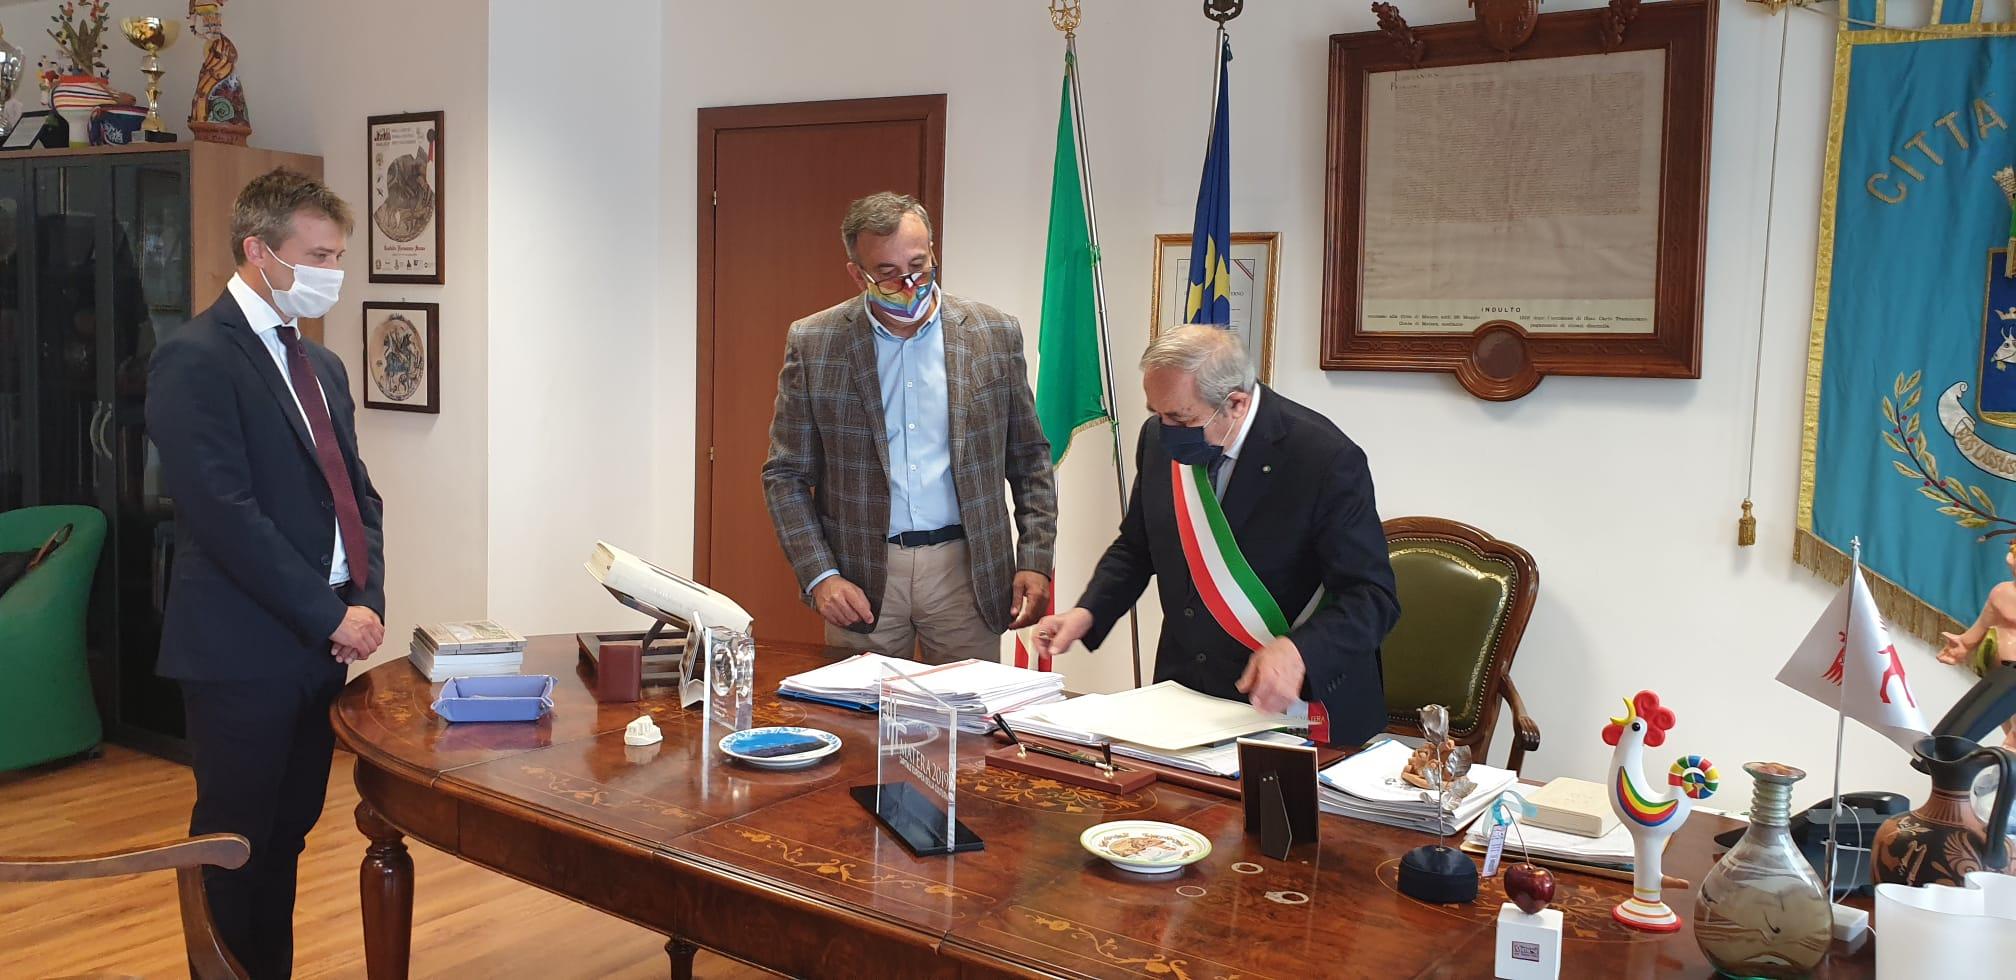 paestum_Conferimento cittadinanza italiana al direttore Zuchtriegel